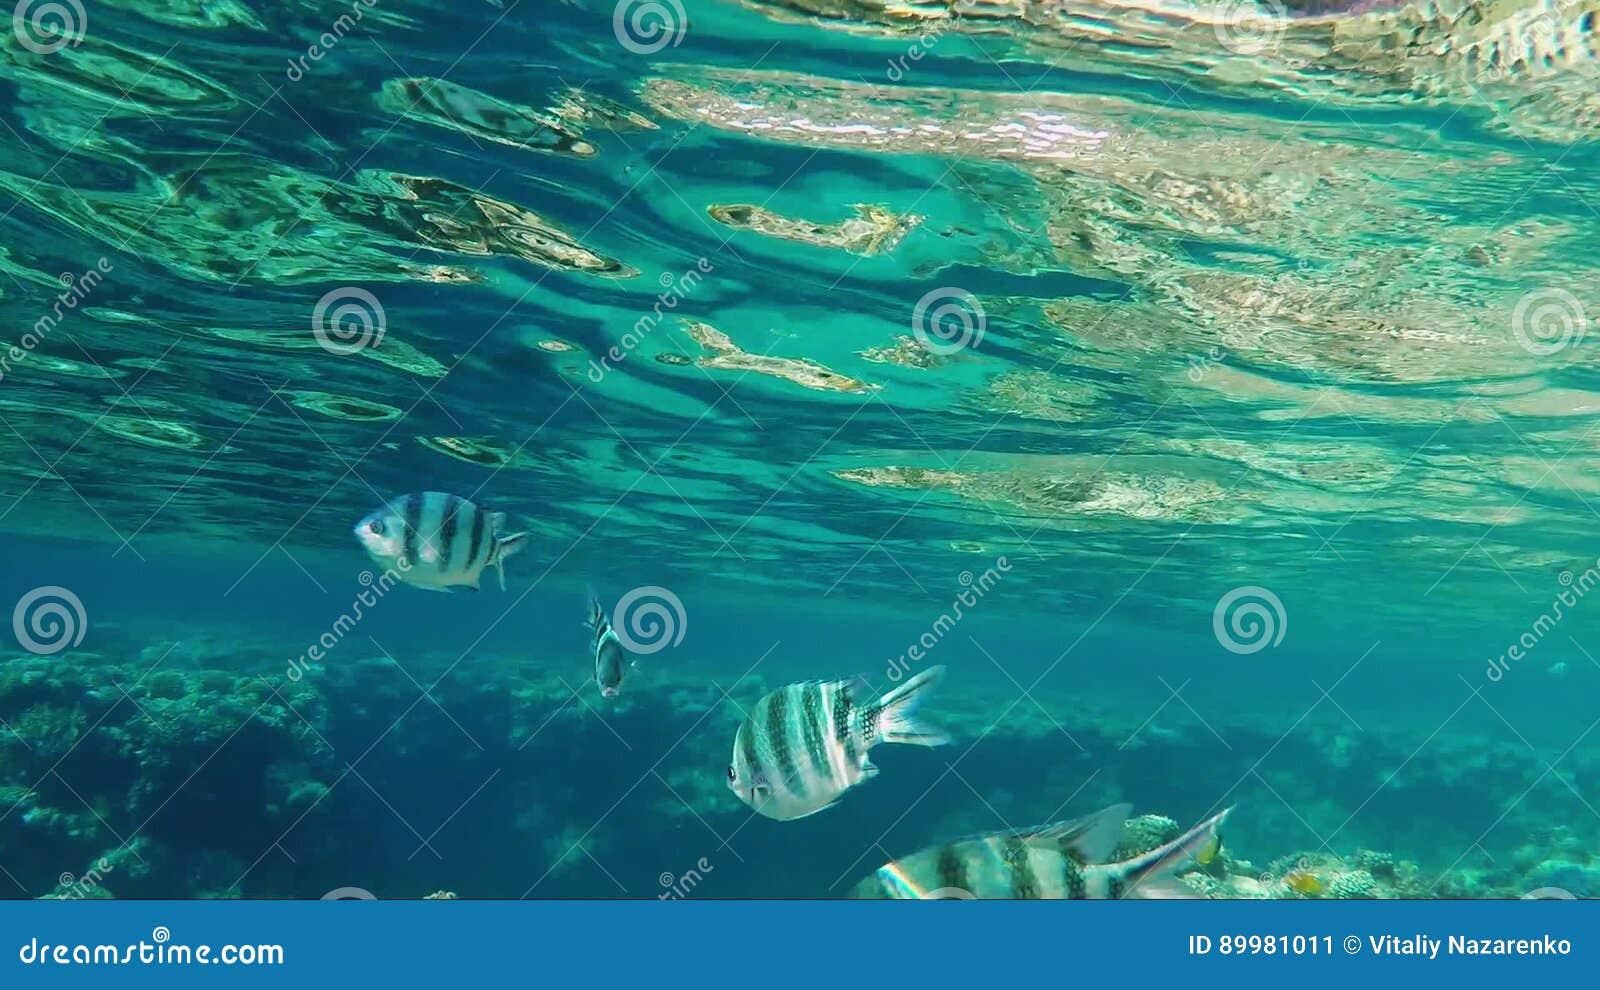 Los Pescados Tropicales Nadan No Lejos De La Superficie Del Mar ...